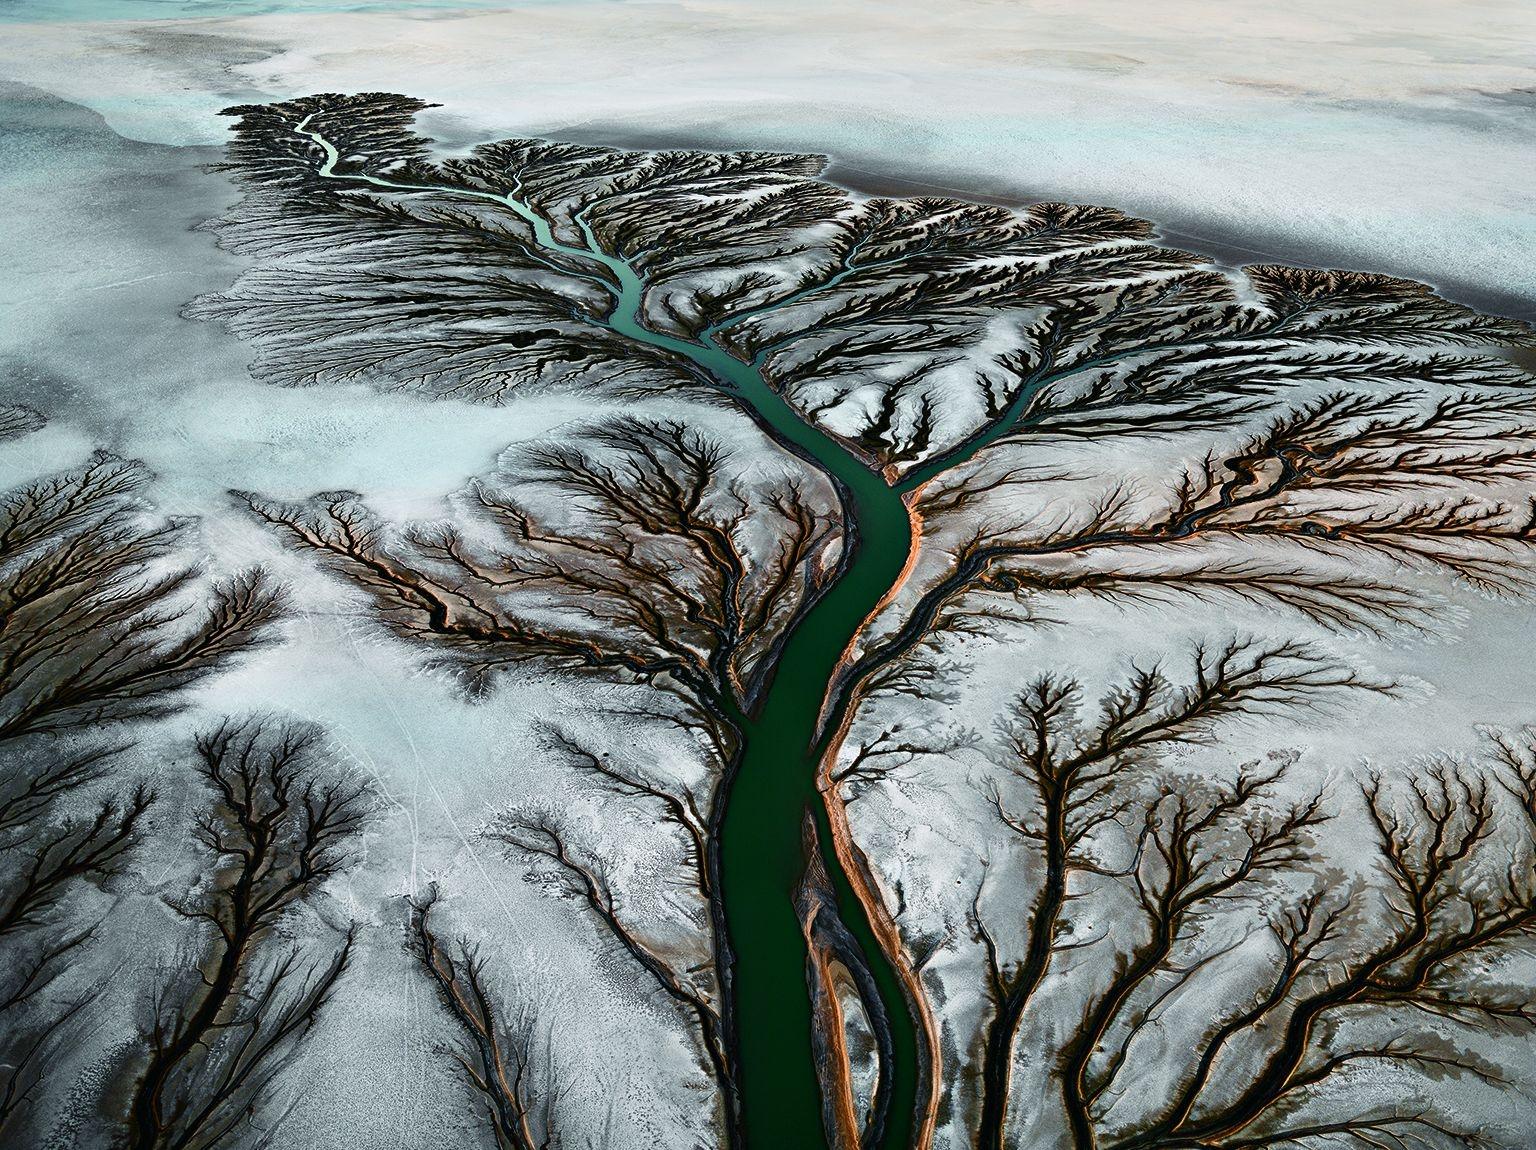 墨西哥。從300公尺的空中看下去,乾旱的科羅拉多河三角洲宛如一棵有著綠色樹幹的樹,枝椏卻是棕色的。過去一個世紀以來,水壩與分水導致淡水逐漸減少,使得野生動物、溼地、農業及漁業也愈來愈少了。PHOTO: EDWARD BURTYNSKY, NICHOLAS METIVIER GALLERY, TORONTO